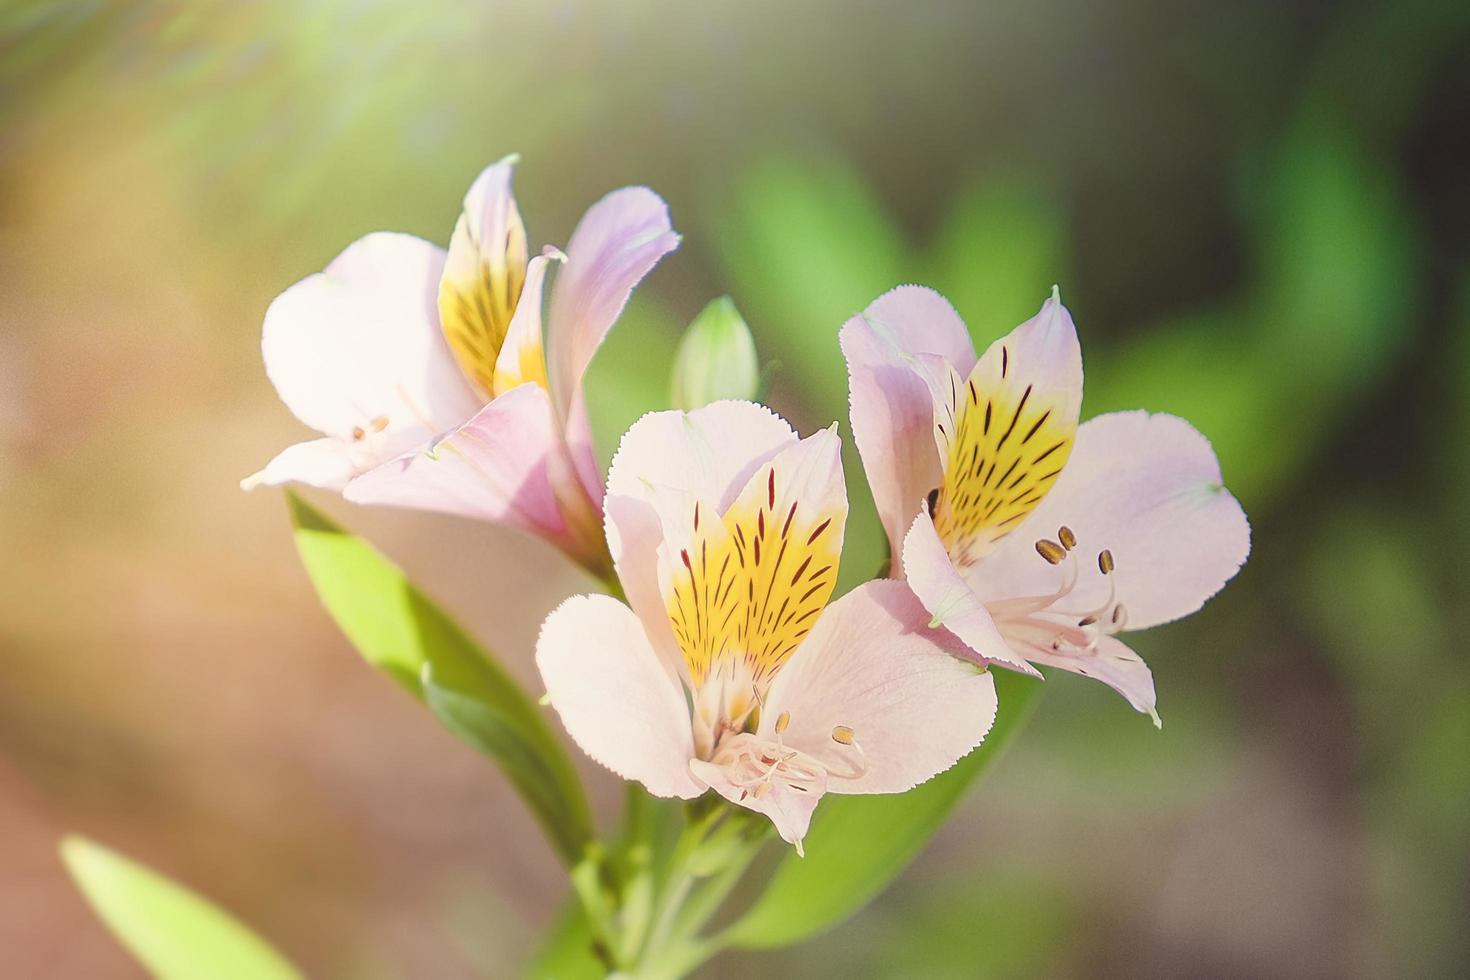 roze alstrameria bloemen op een onscherpe achtergrond. foto